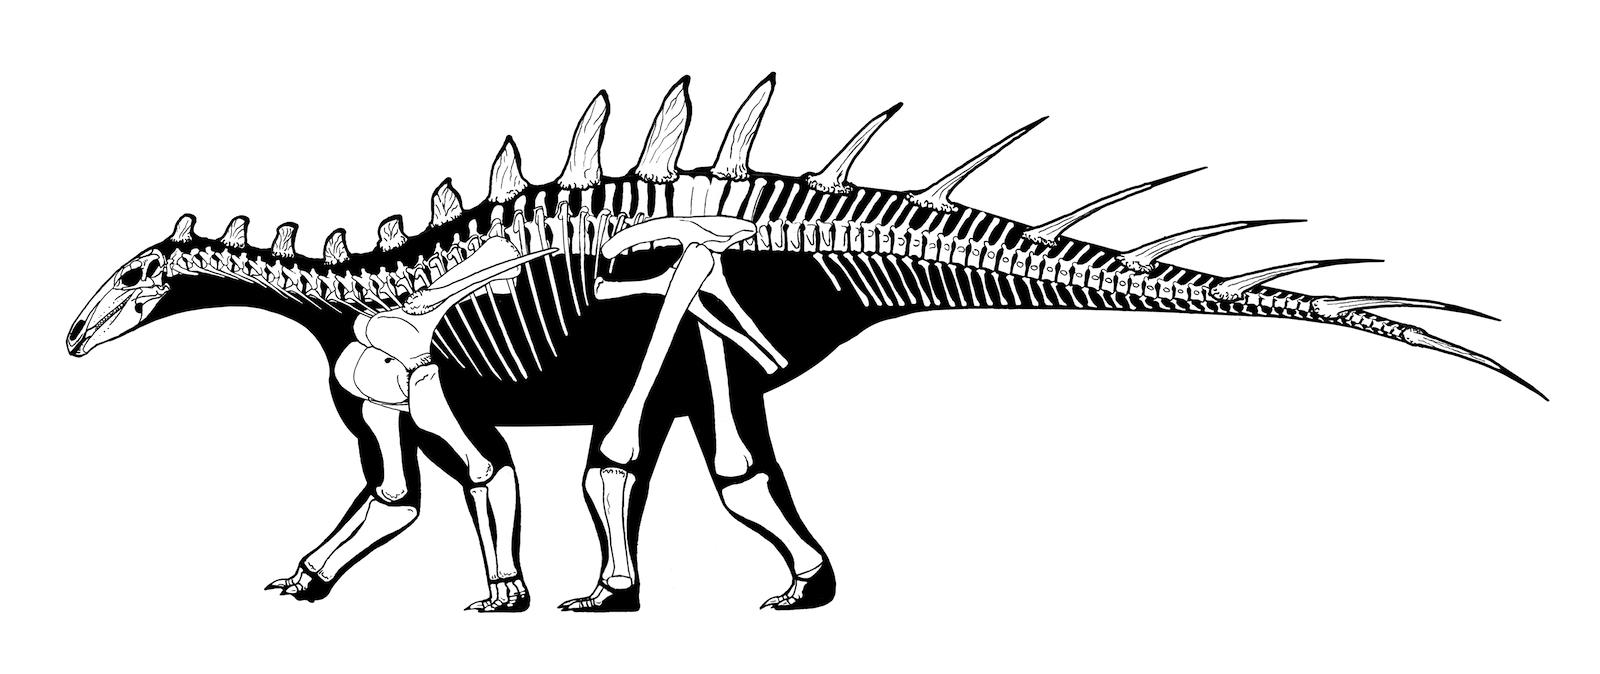 dacentrurus armatus skeletonpng